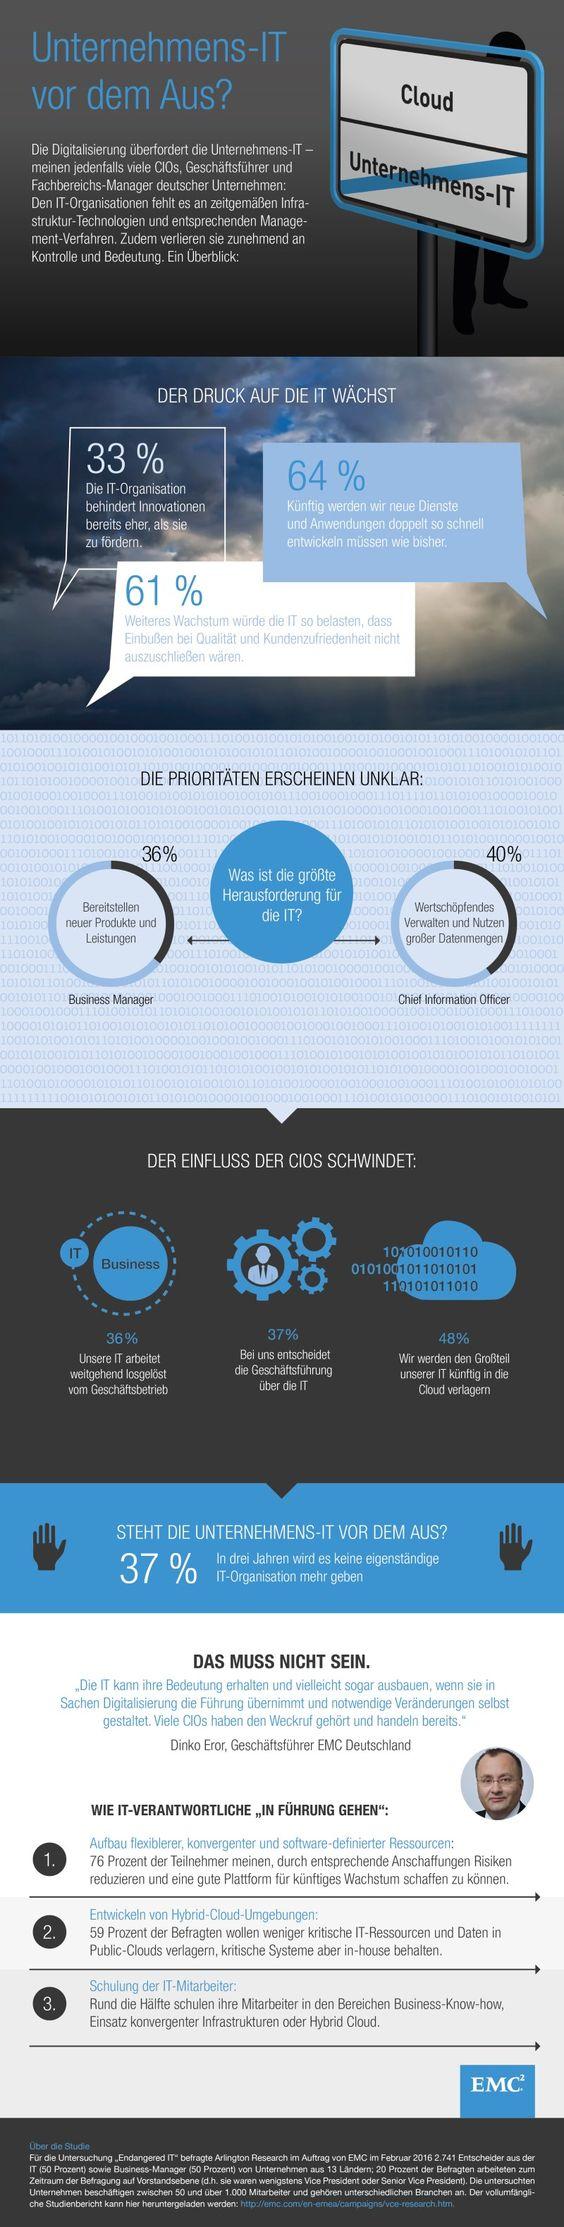 Digitalisierung: 6 von 10 IT-Managern erwarten Ende der eigenständigen IT-Abteilung bis 2019